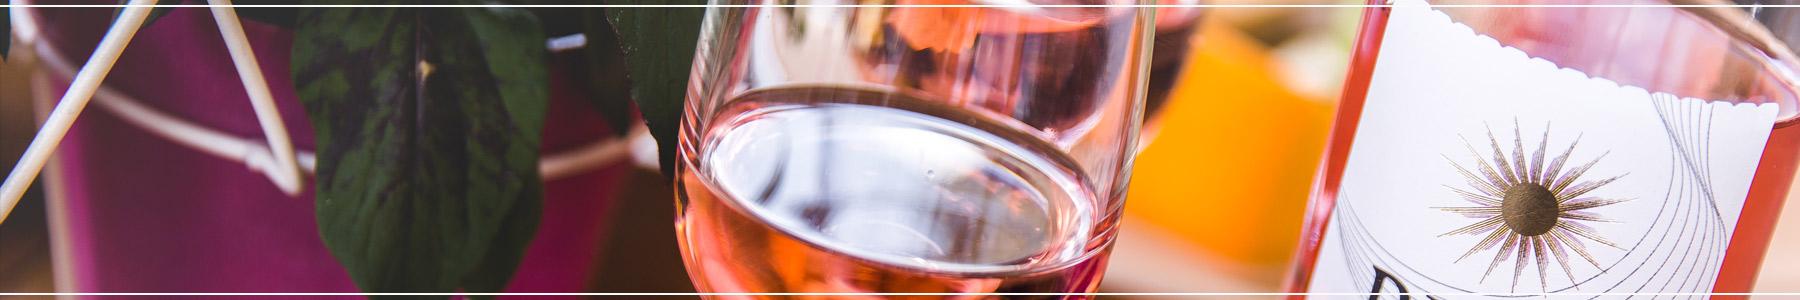 Slider van een glas rose wijn